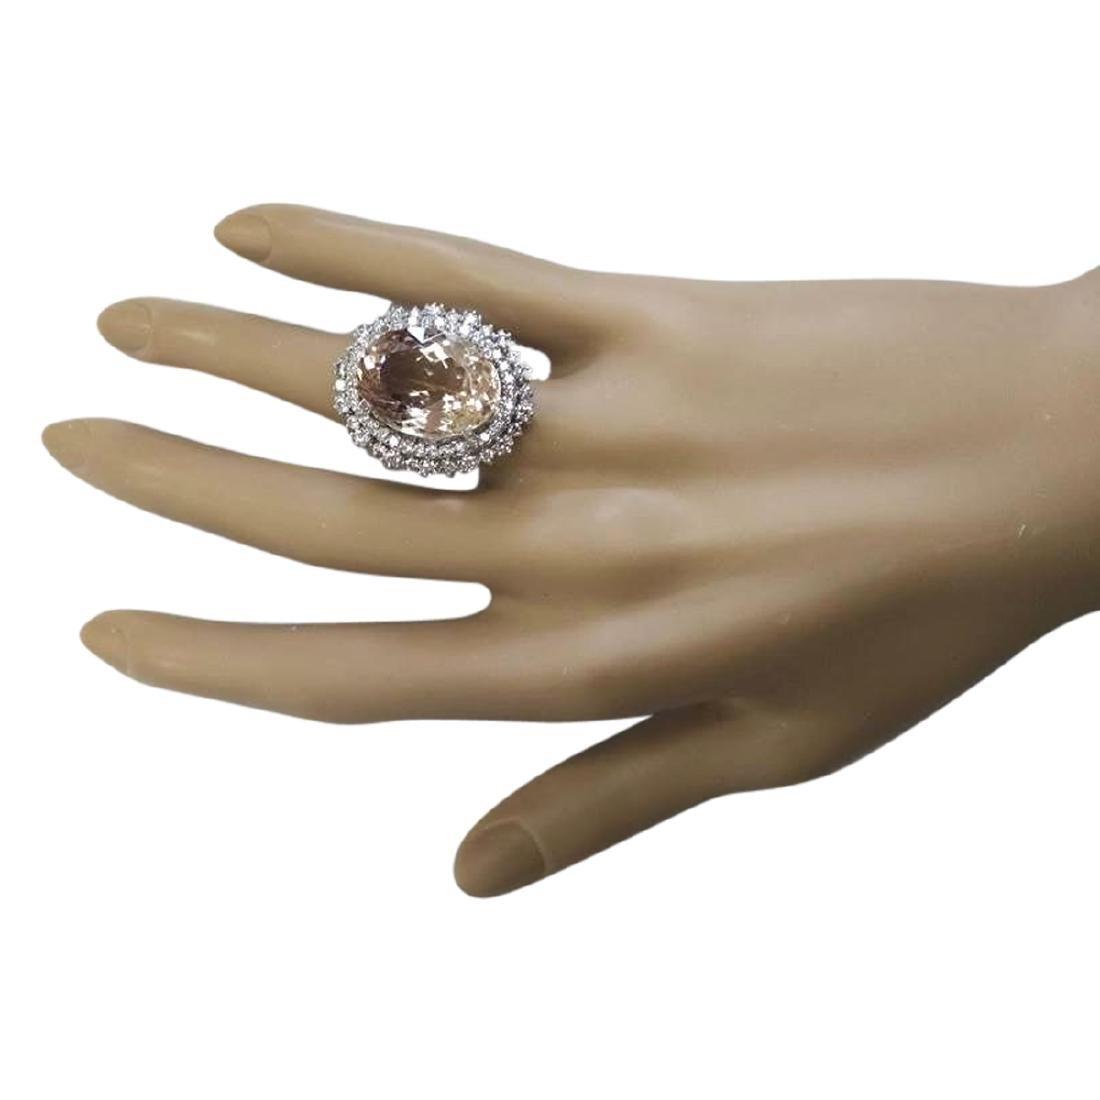 16.60 CTW Natural Morganite And Diamond Ring In 18K - 4